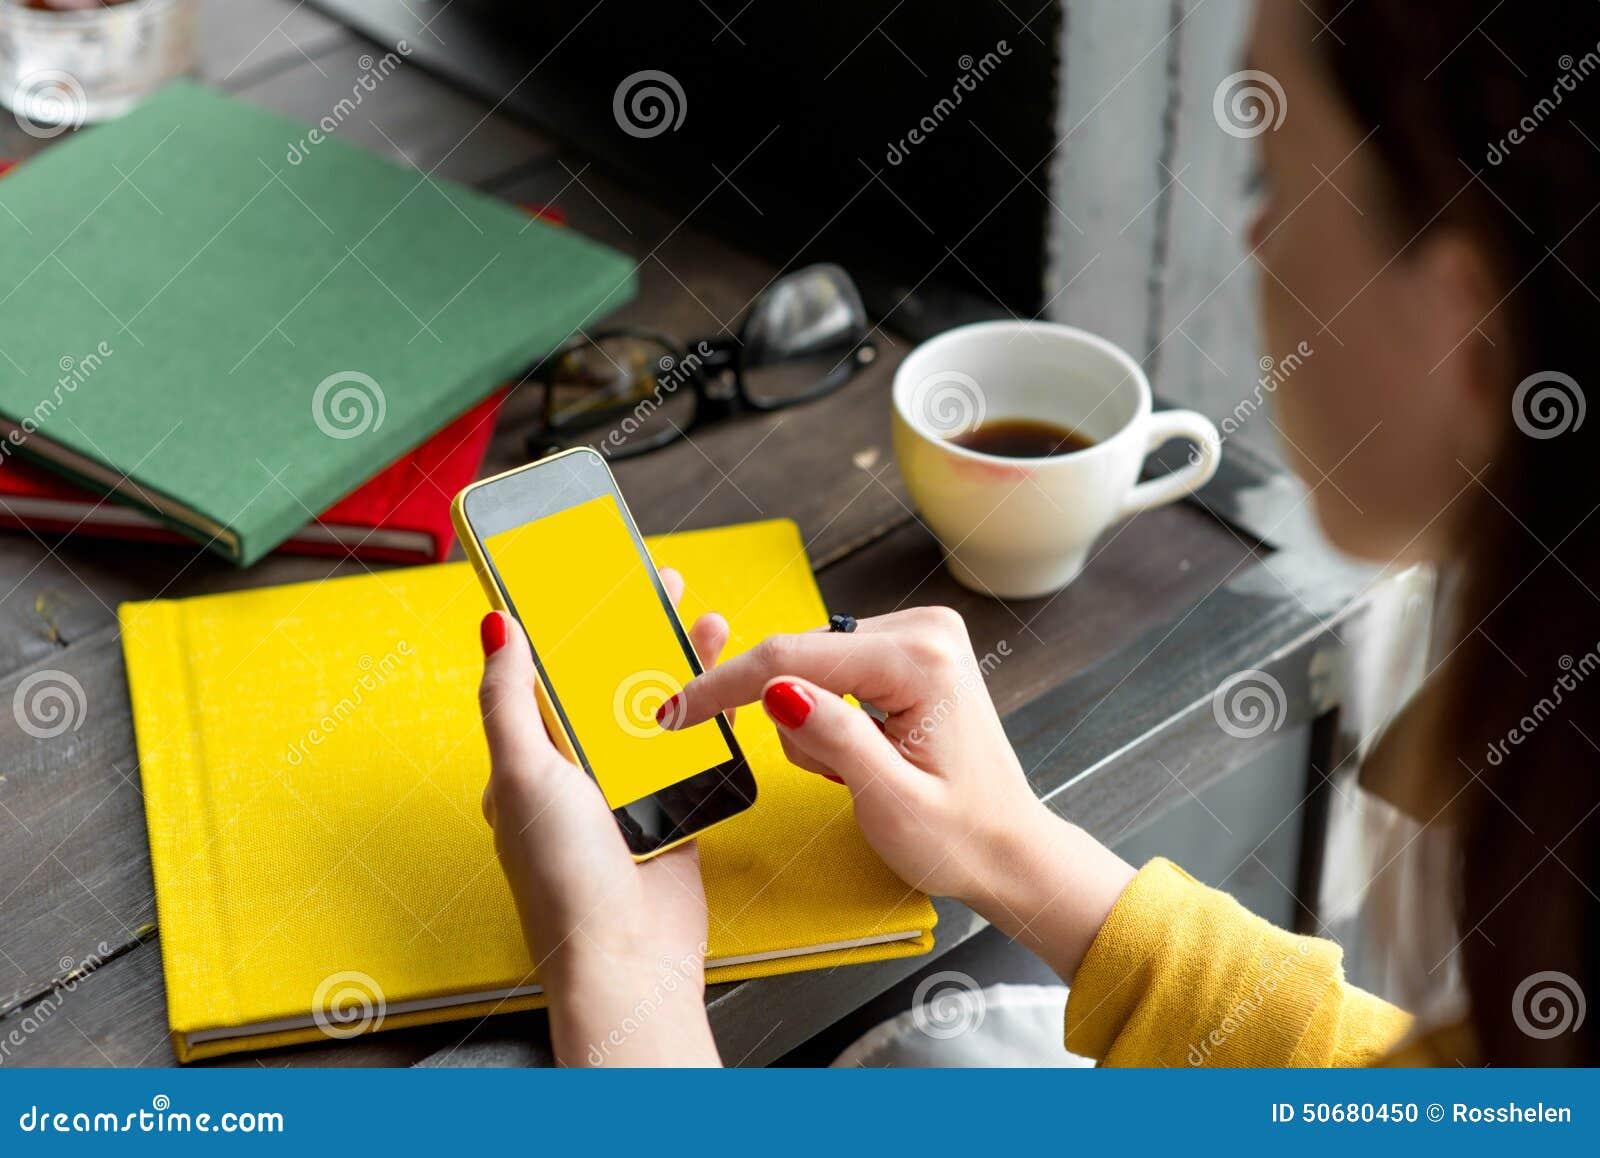 Download 电话聪明使用 库存照片. 图片 包括有 杯子, 阿帕卢萨马, 藏品, 信息, 教育, 设计员, 咖啡馆, 设备 - 50680450